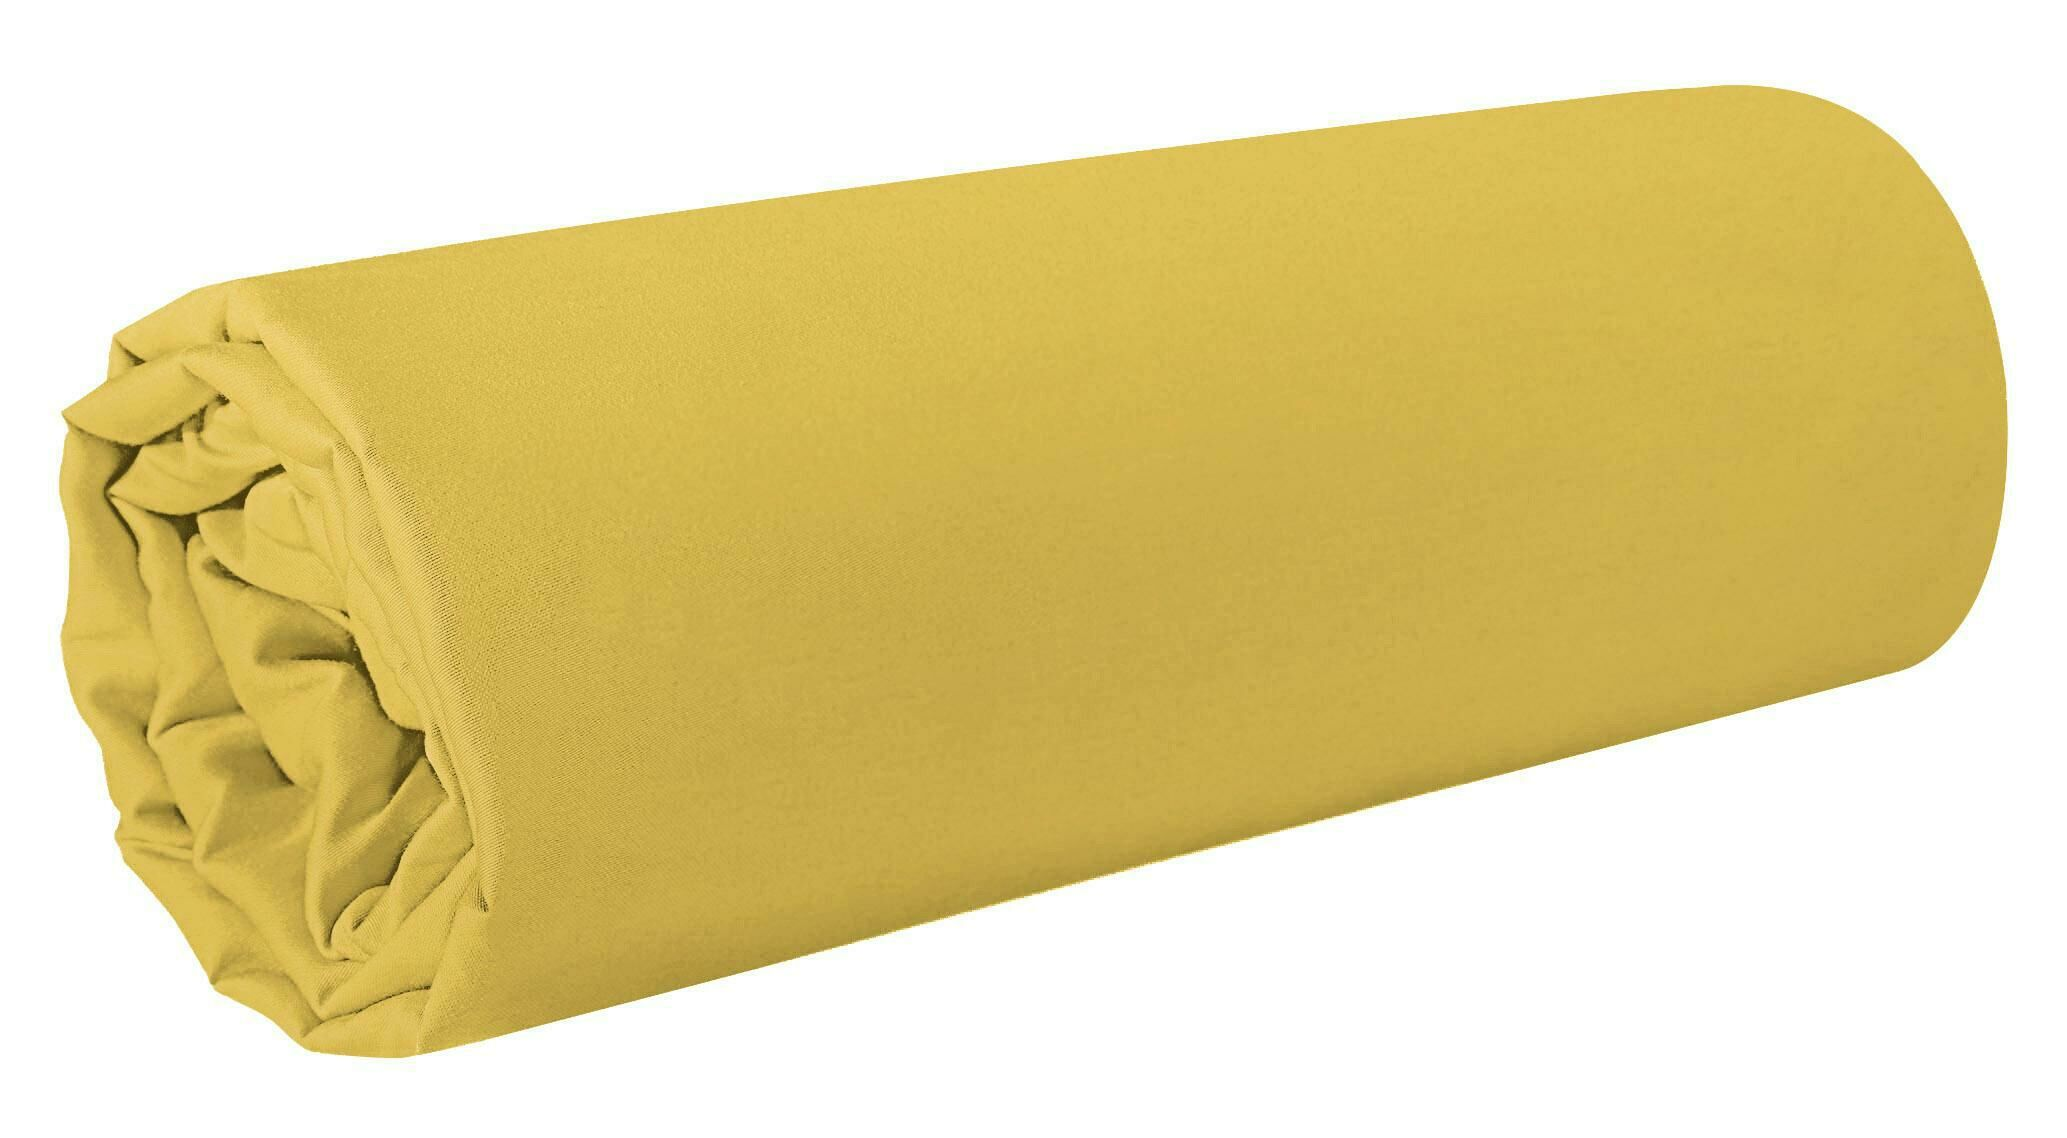 Prześcieradło satynowe 160x210 Nova 1 musztardowe jednobarwne bez gumki Eurofirany